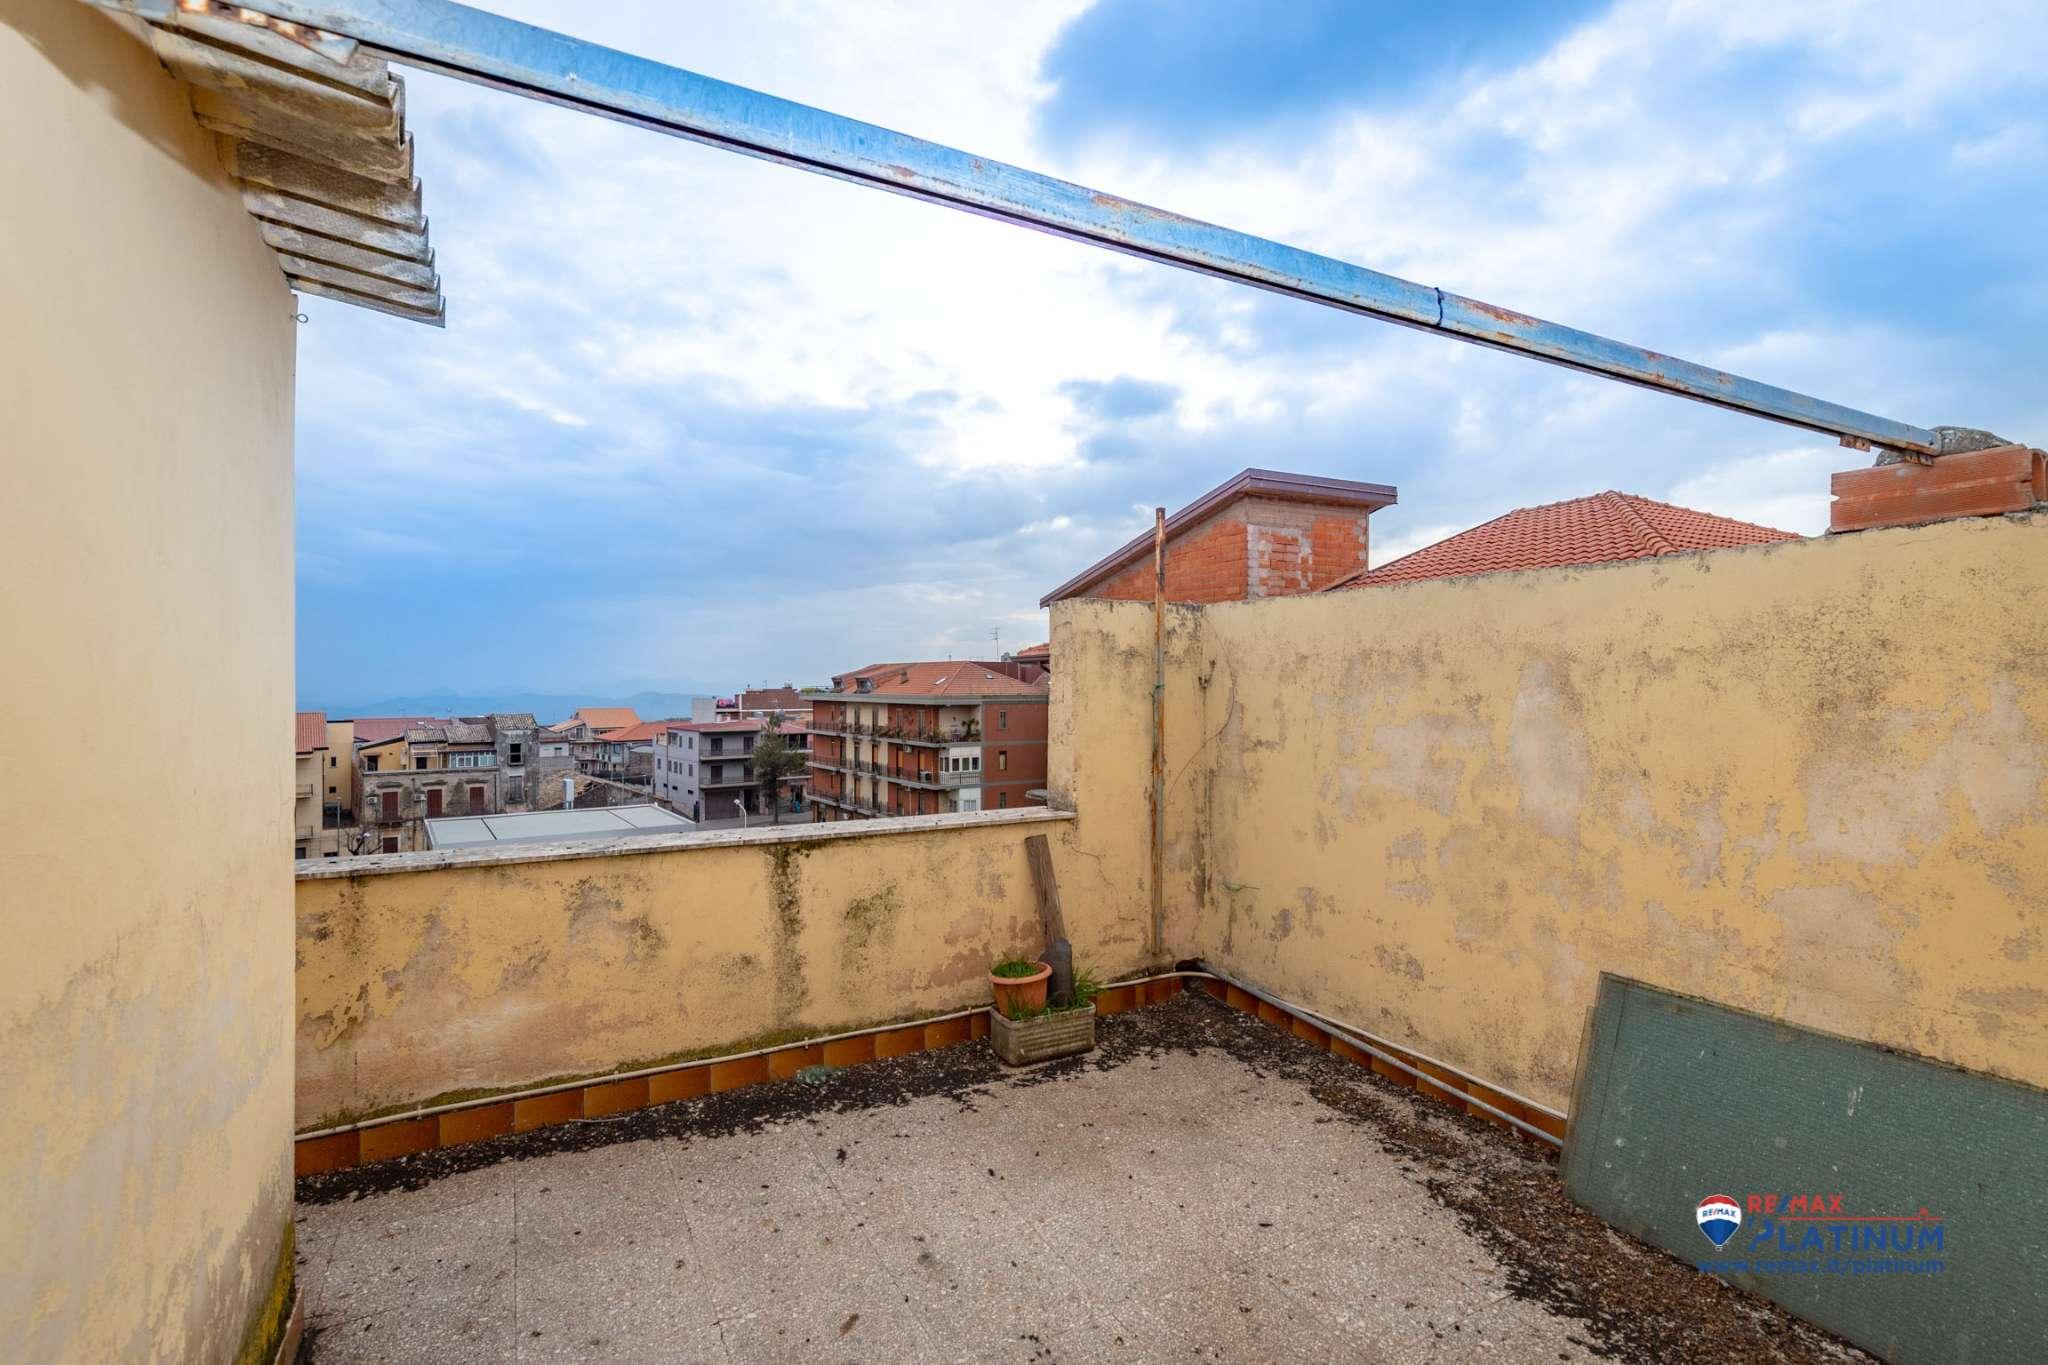 Attico / Mansarda in vendita a Biancavilla, 2 locali, prezzo € 35.000   PortaleAgenzieImmobiliari.it